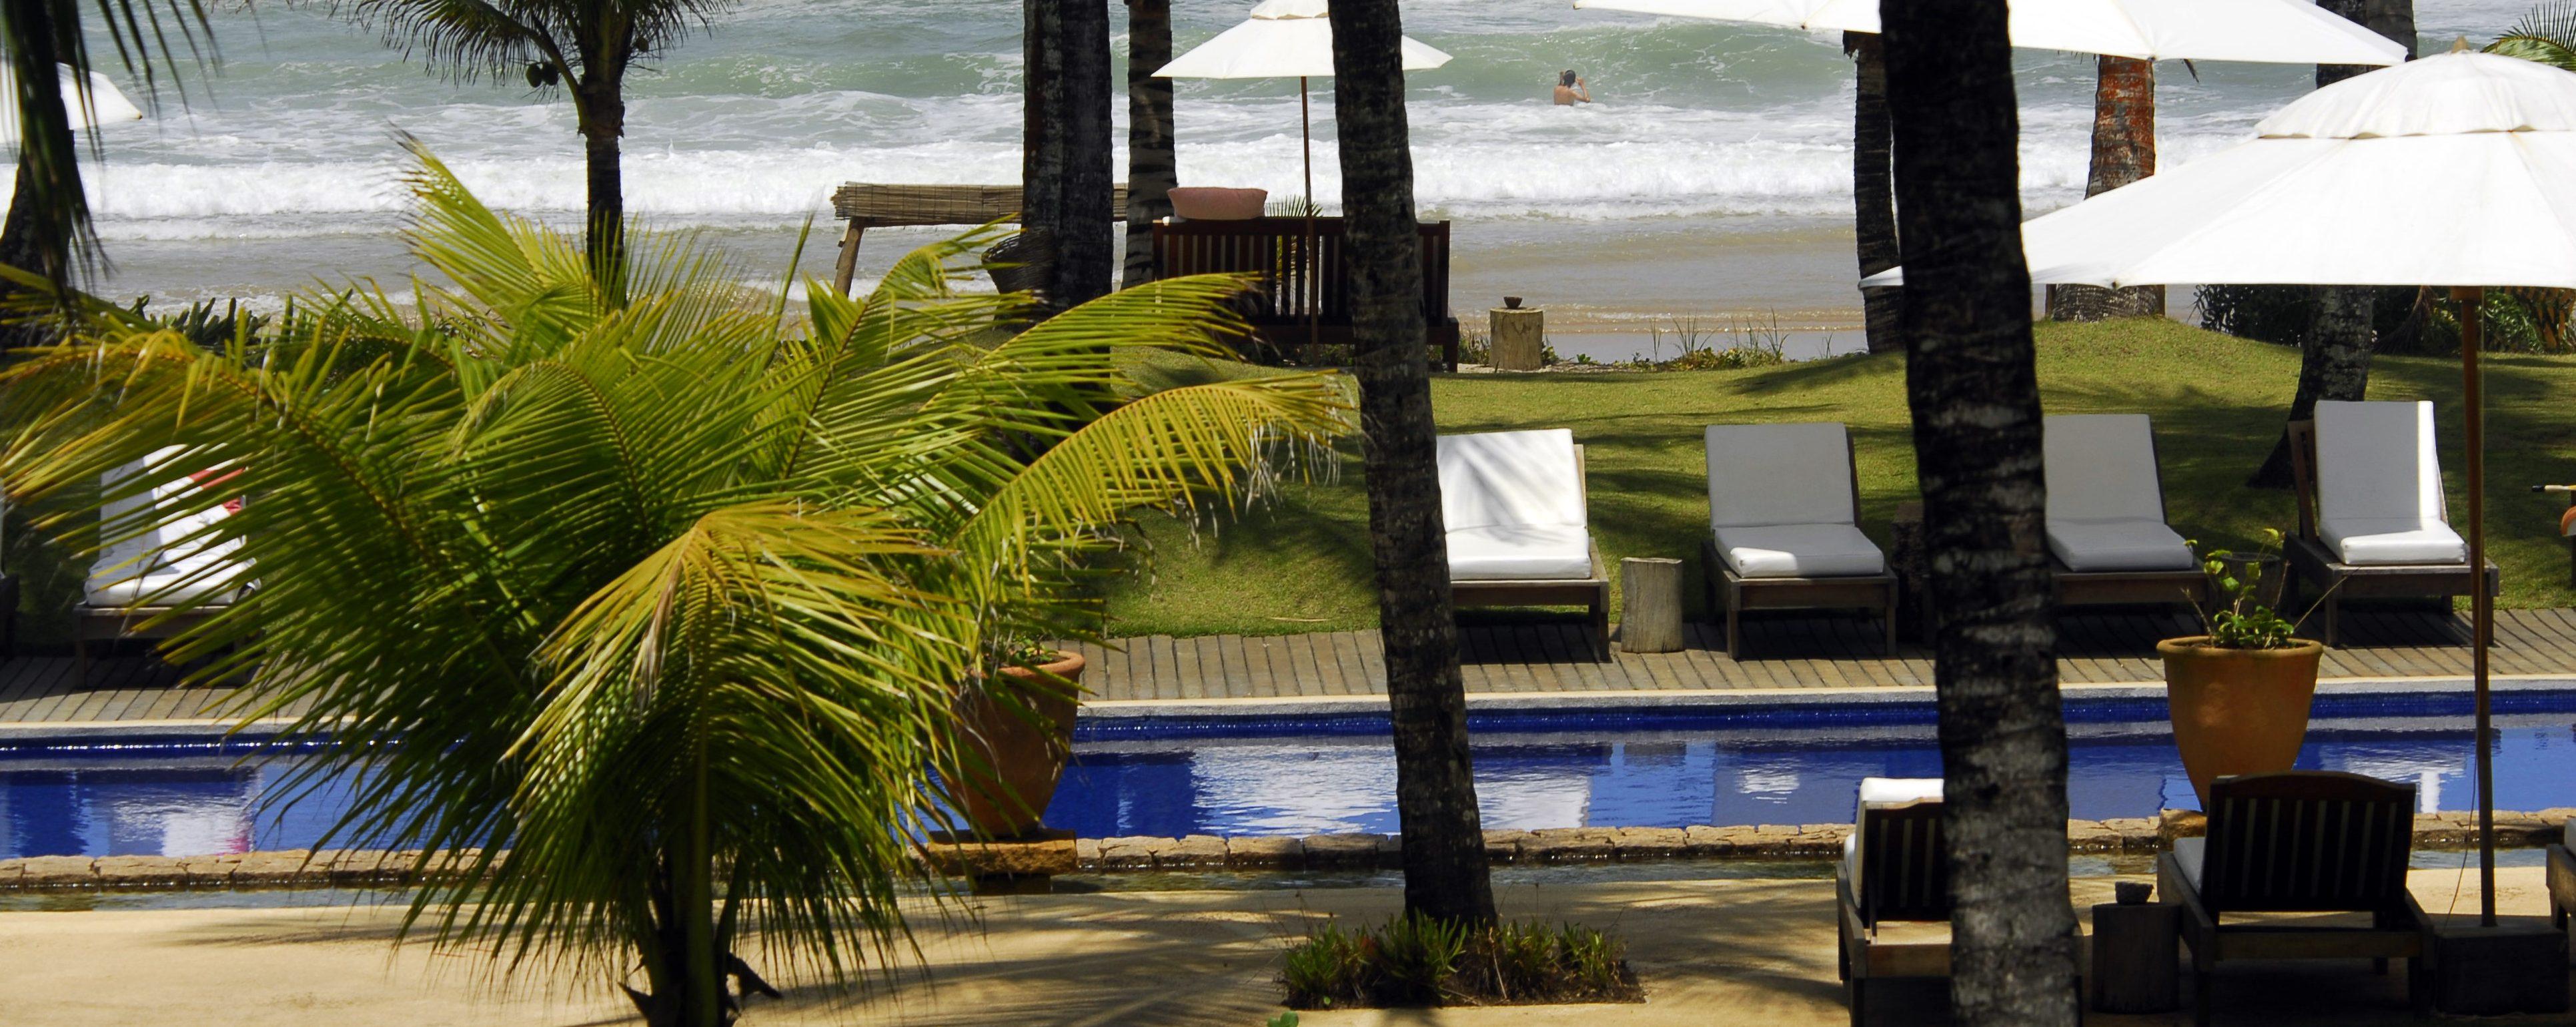 Piscine Txai Resort